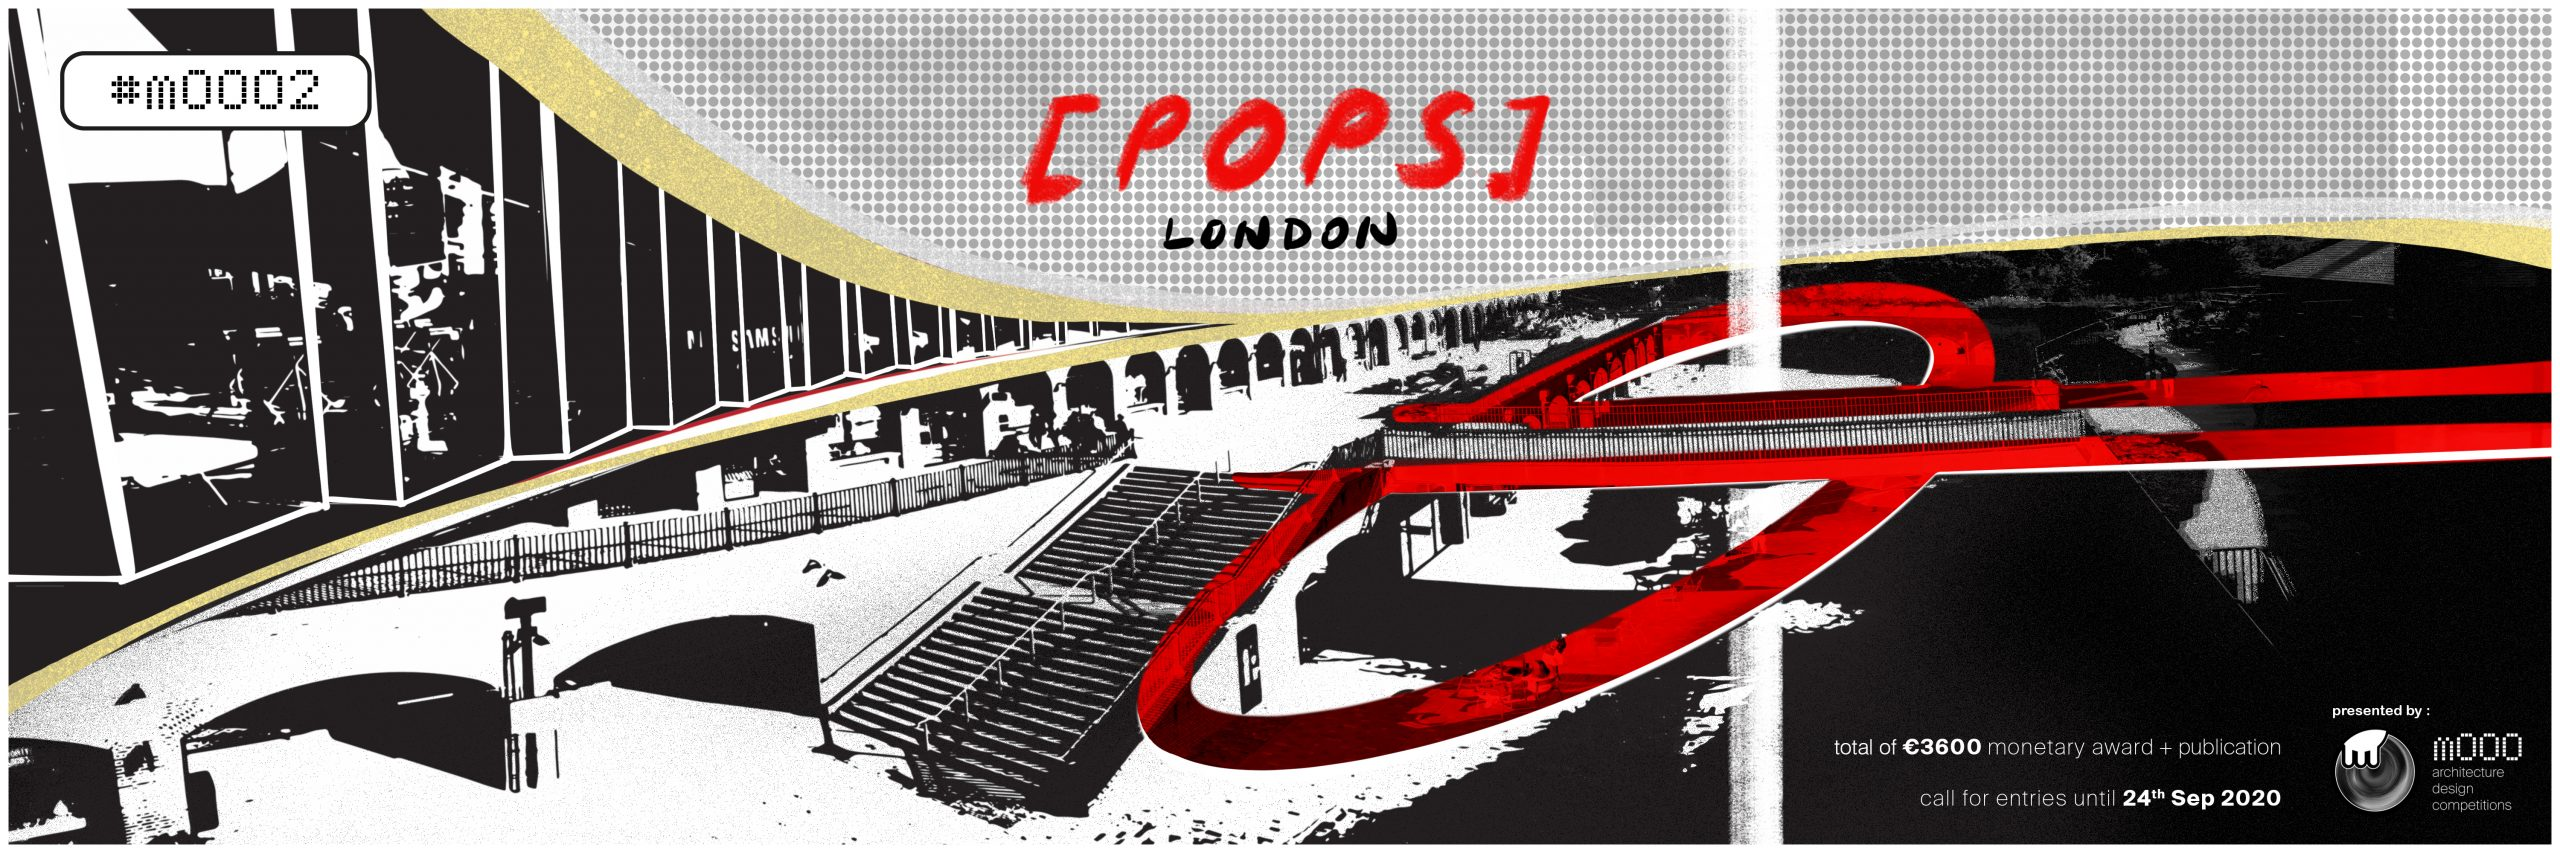 Pops London 2020